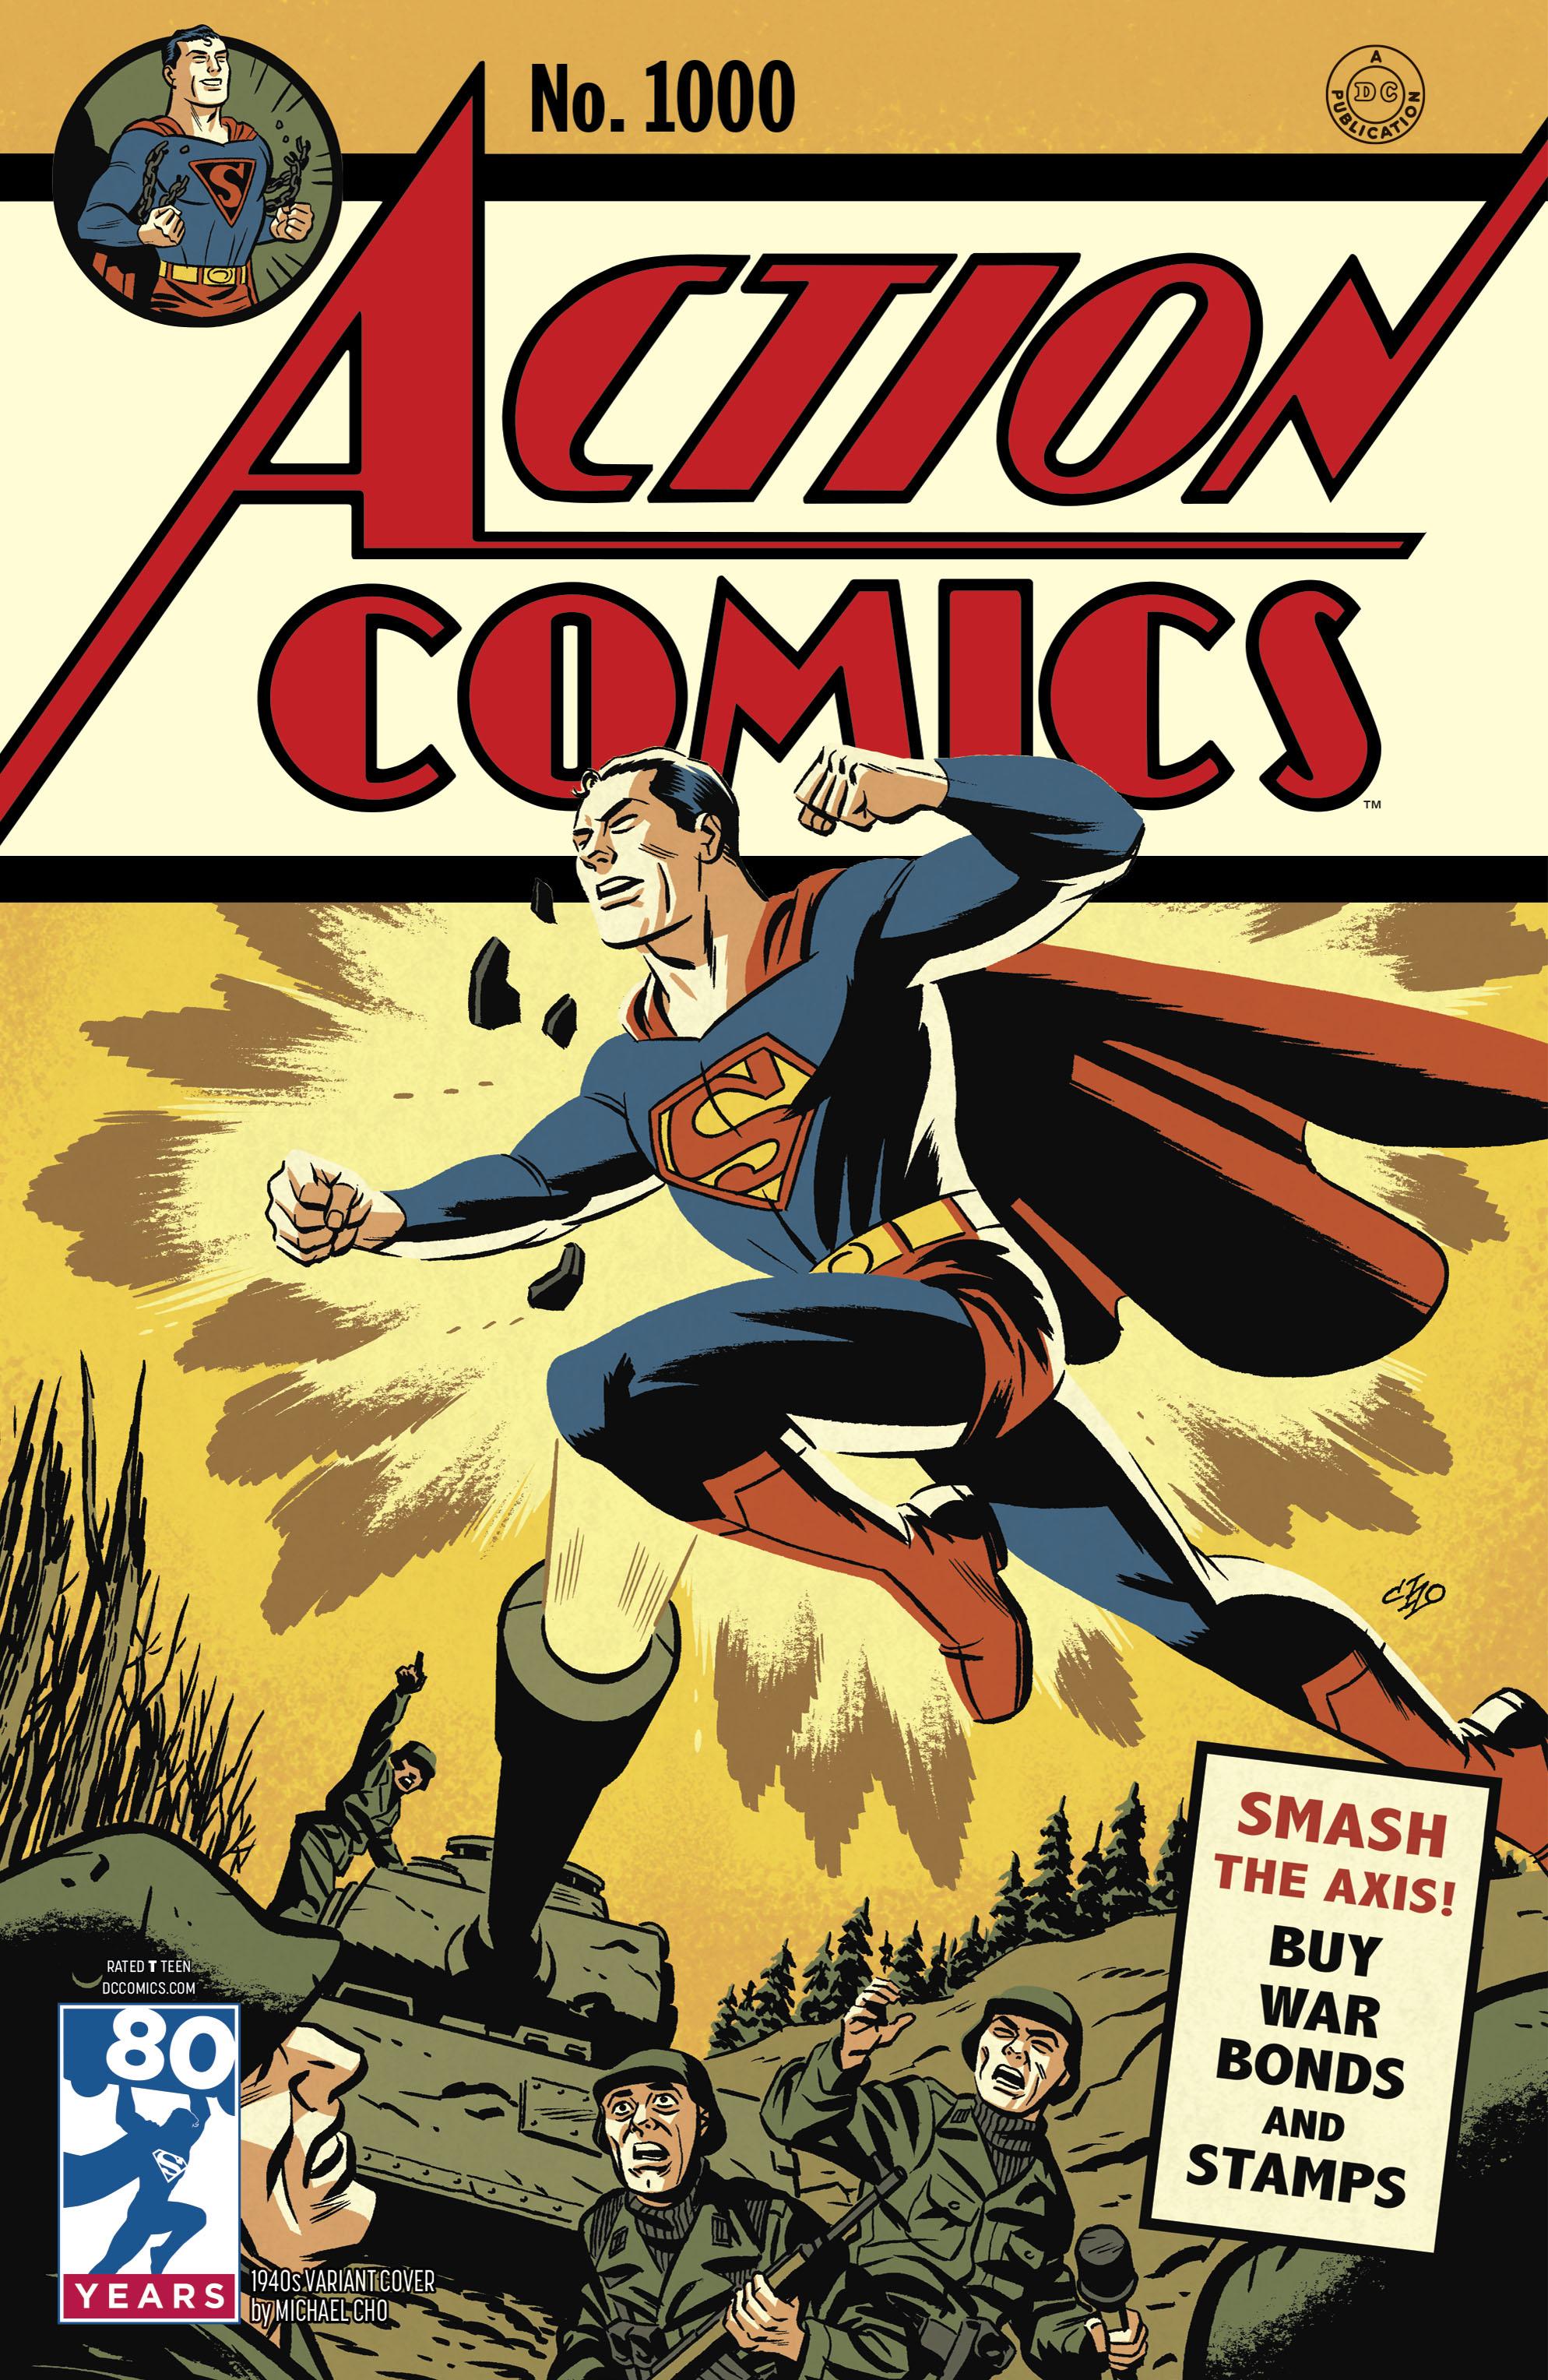 06-actioncomics1000c